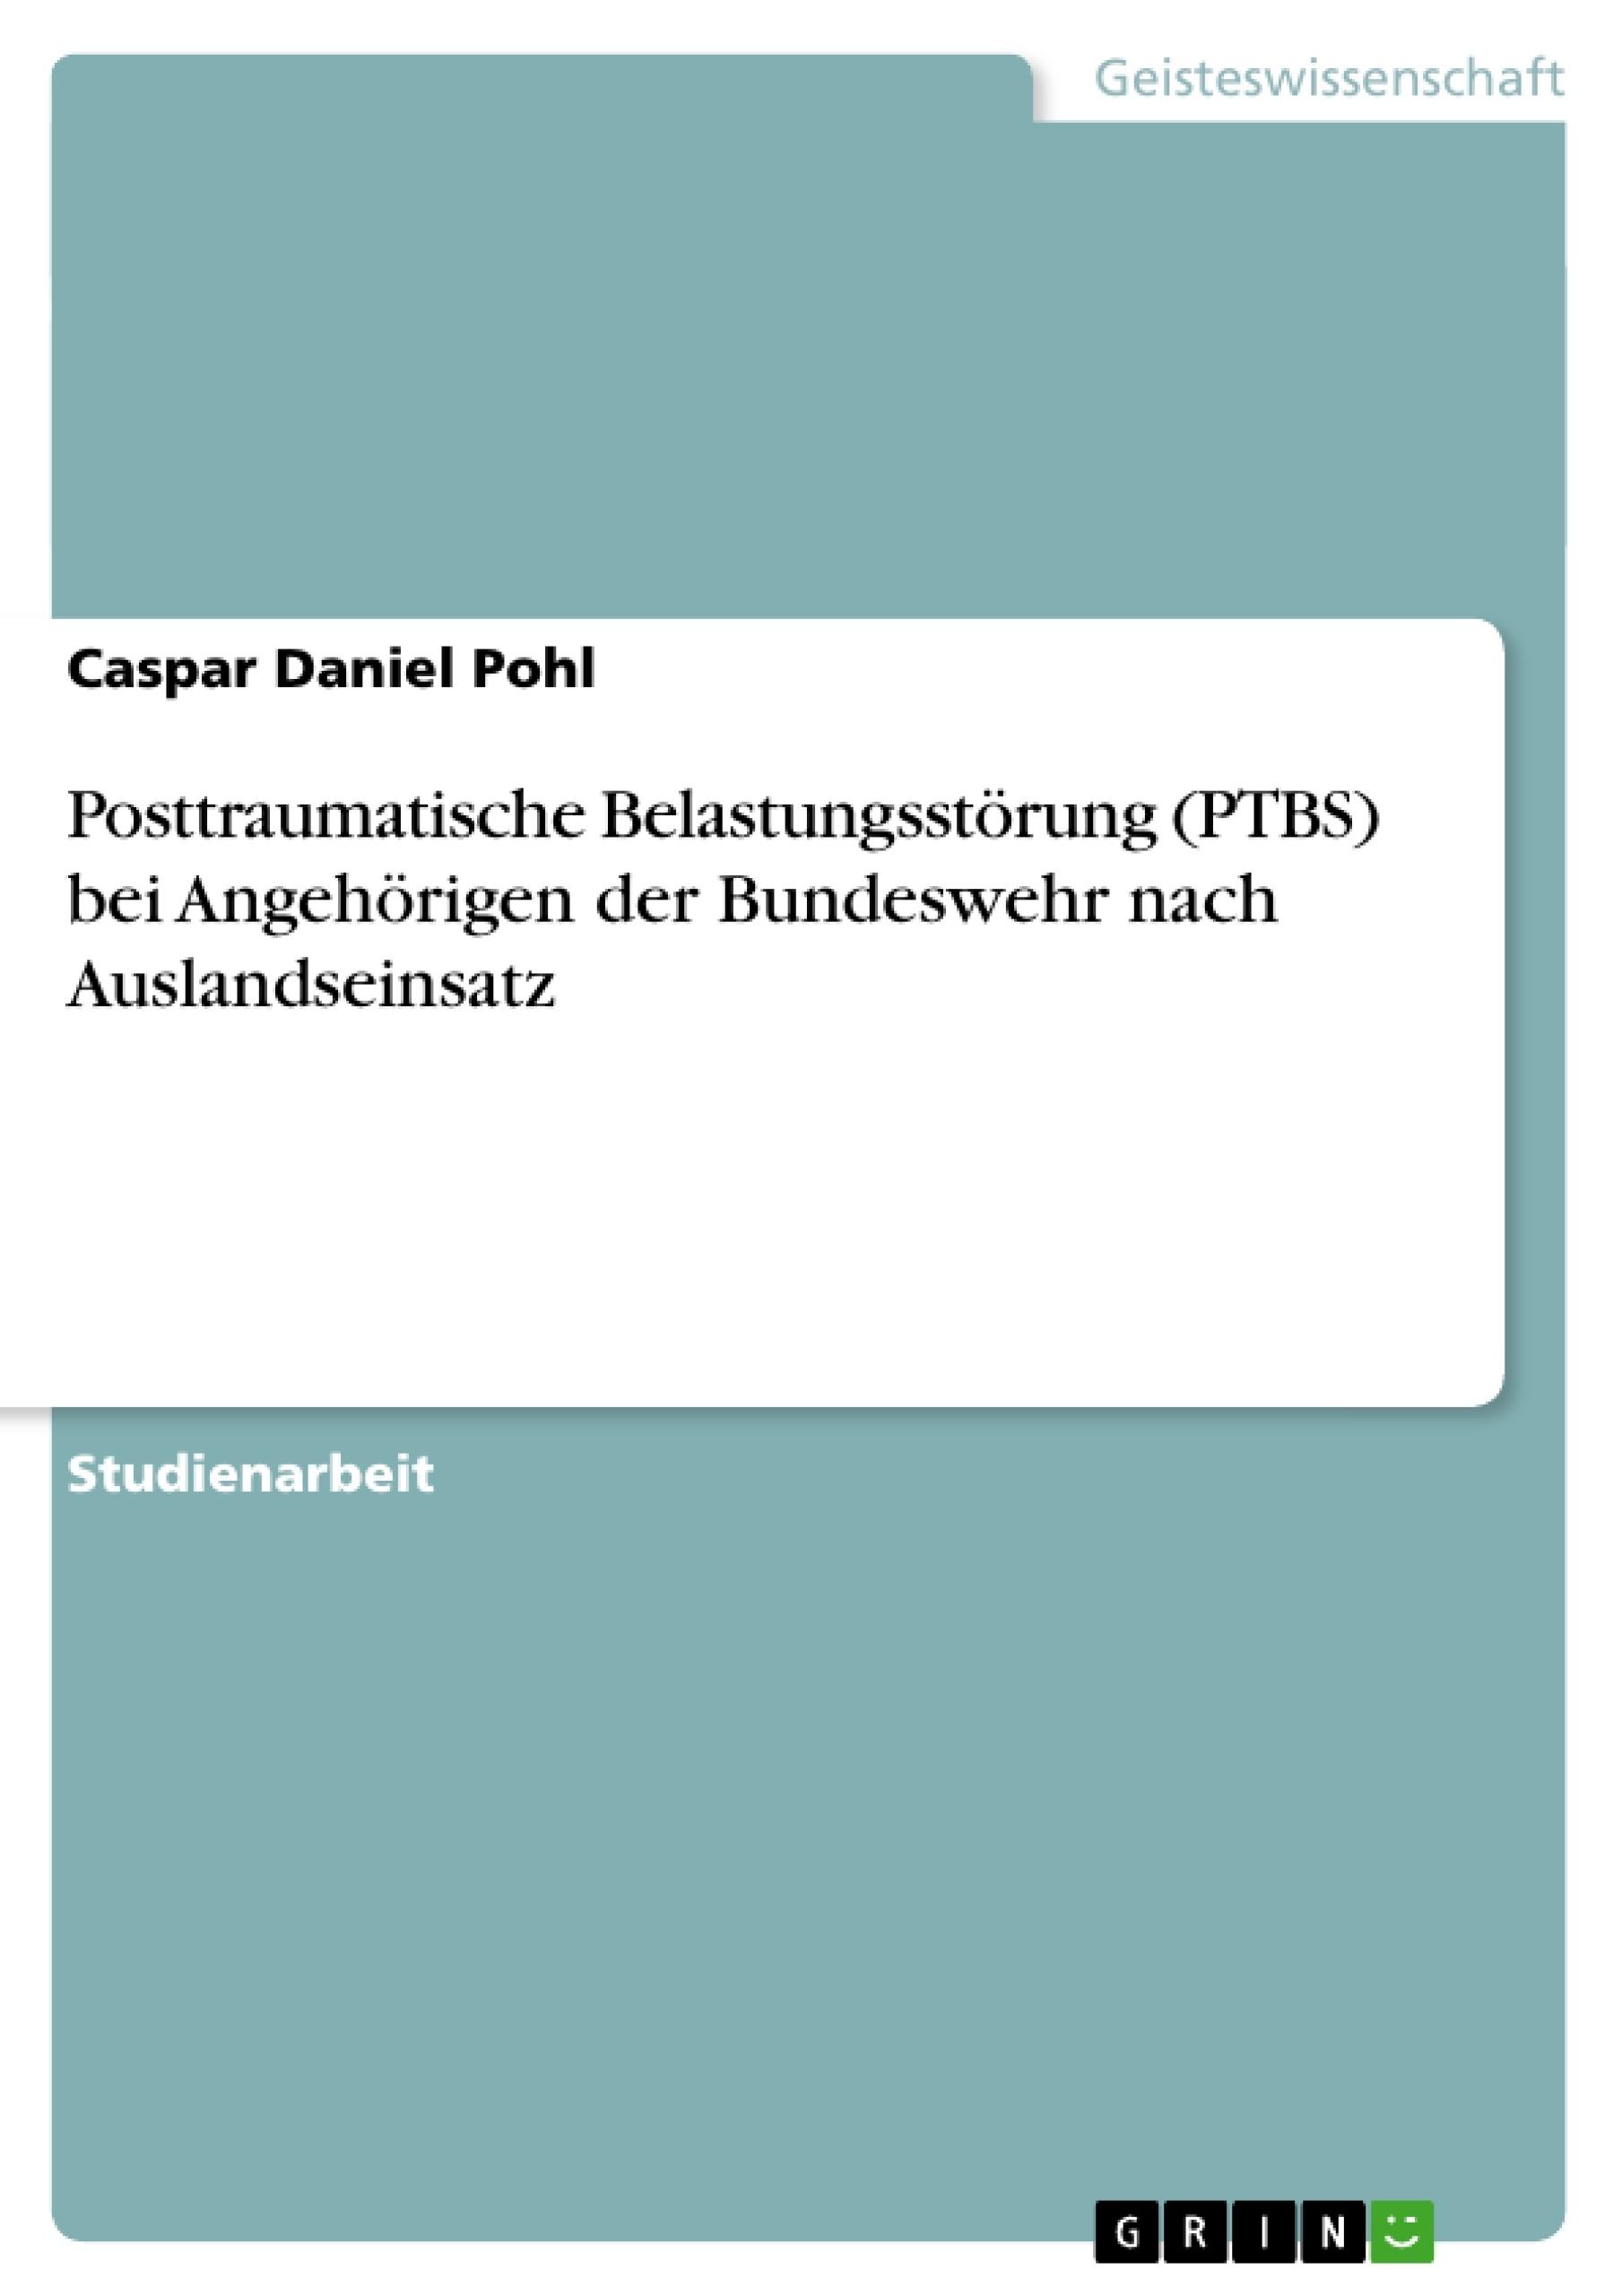 Titel: Posttraumatische Belastungsstörung (PTBS) bei Angehörigen der Bundeswehr nach Auslandseinsatz